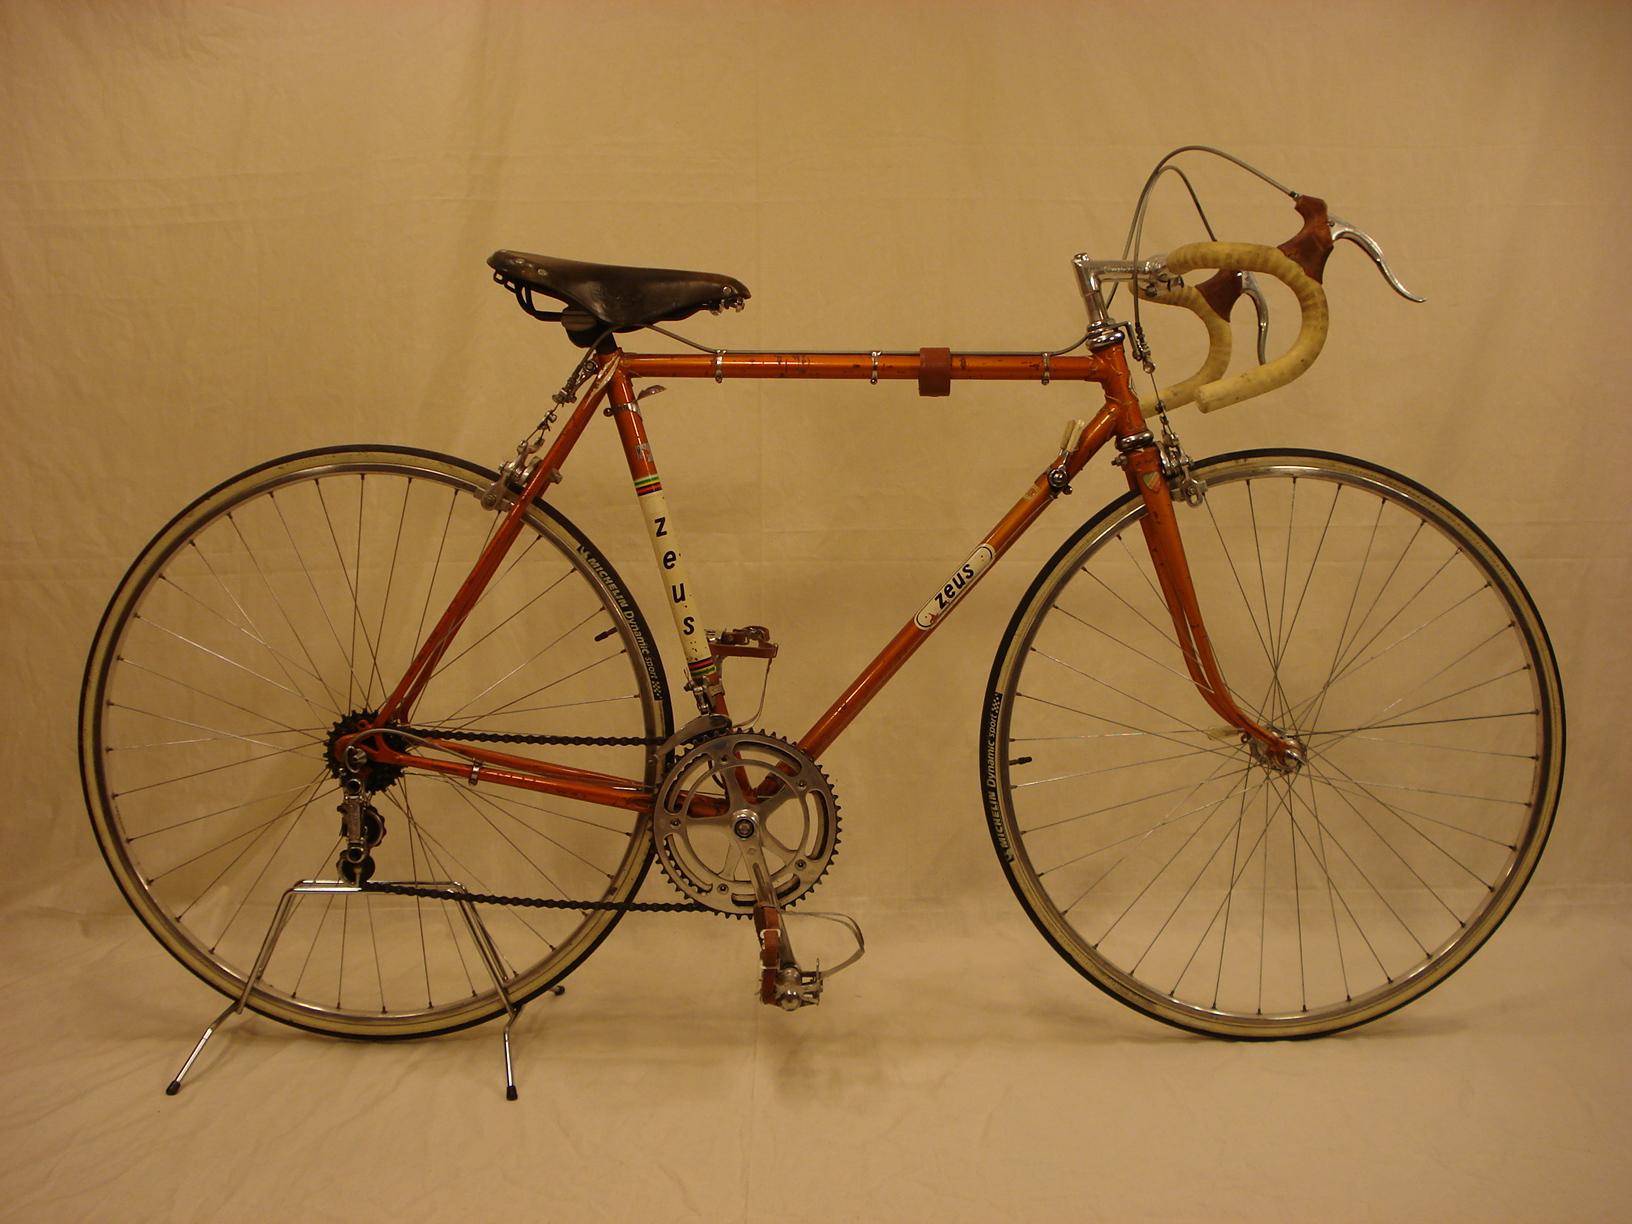 Alquiler bicicletas clásicas y antiguas - bicicletasclasicasleo.com